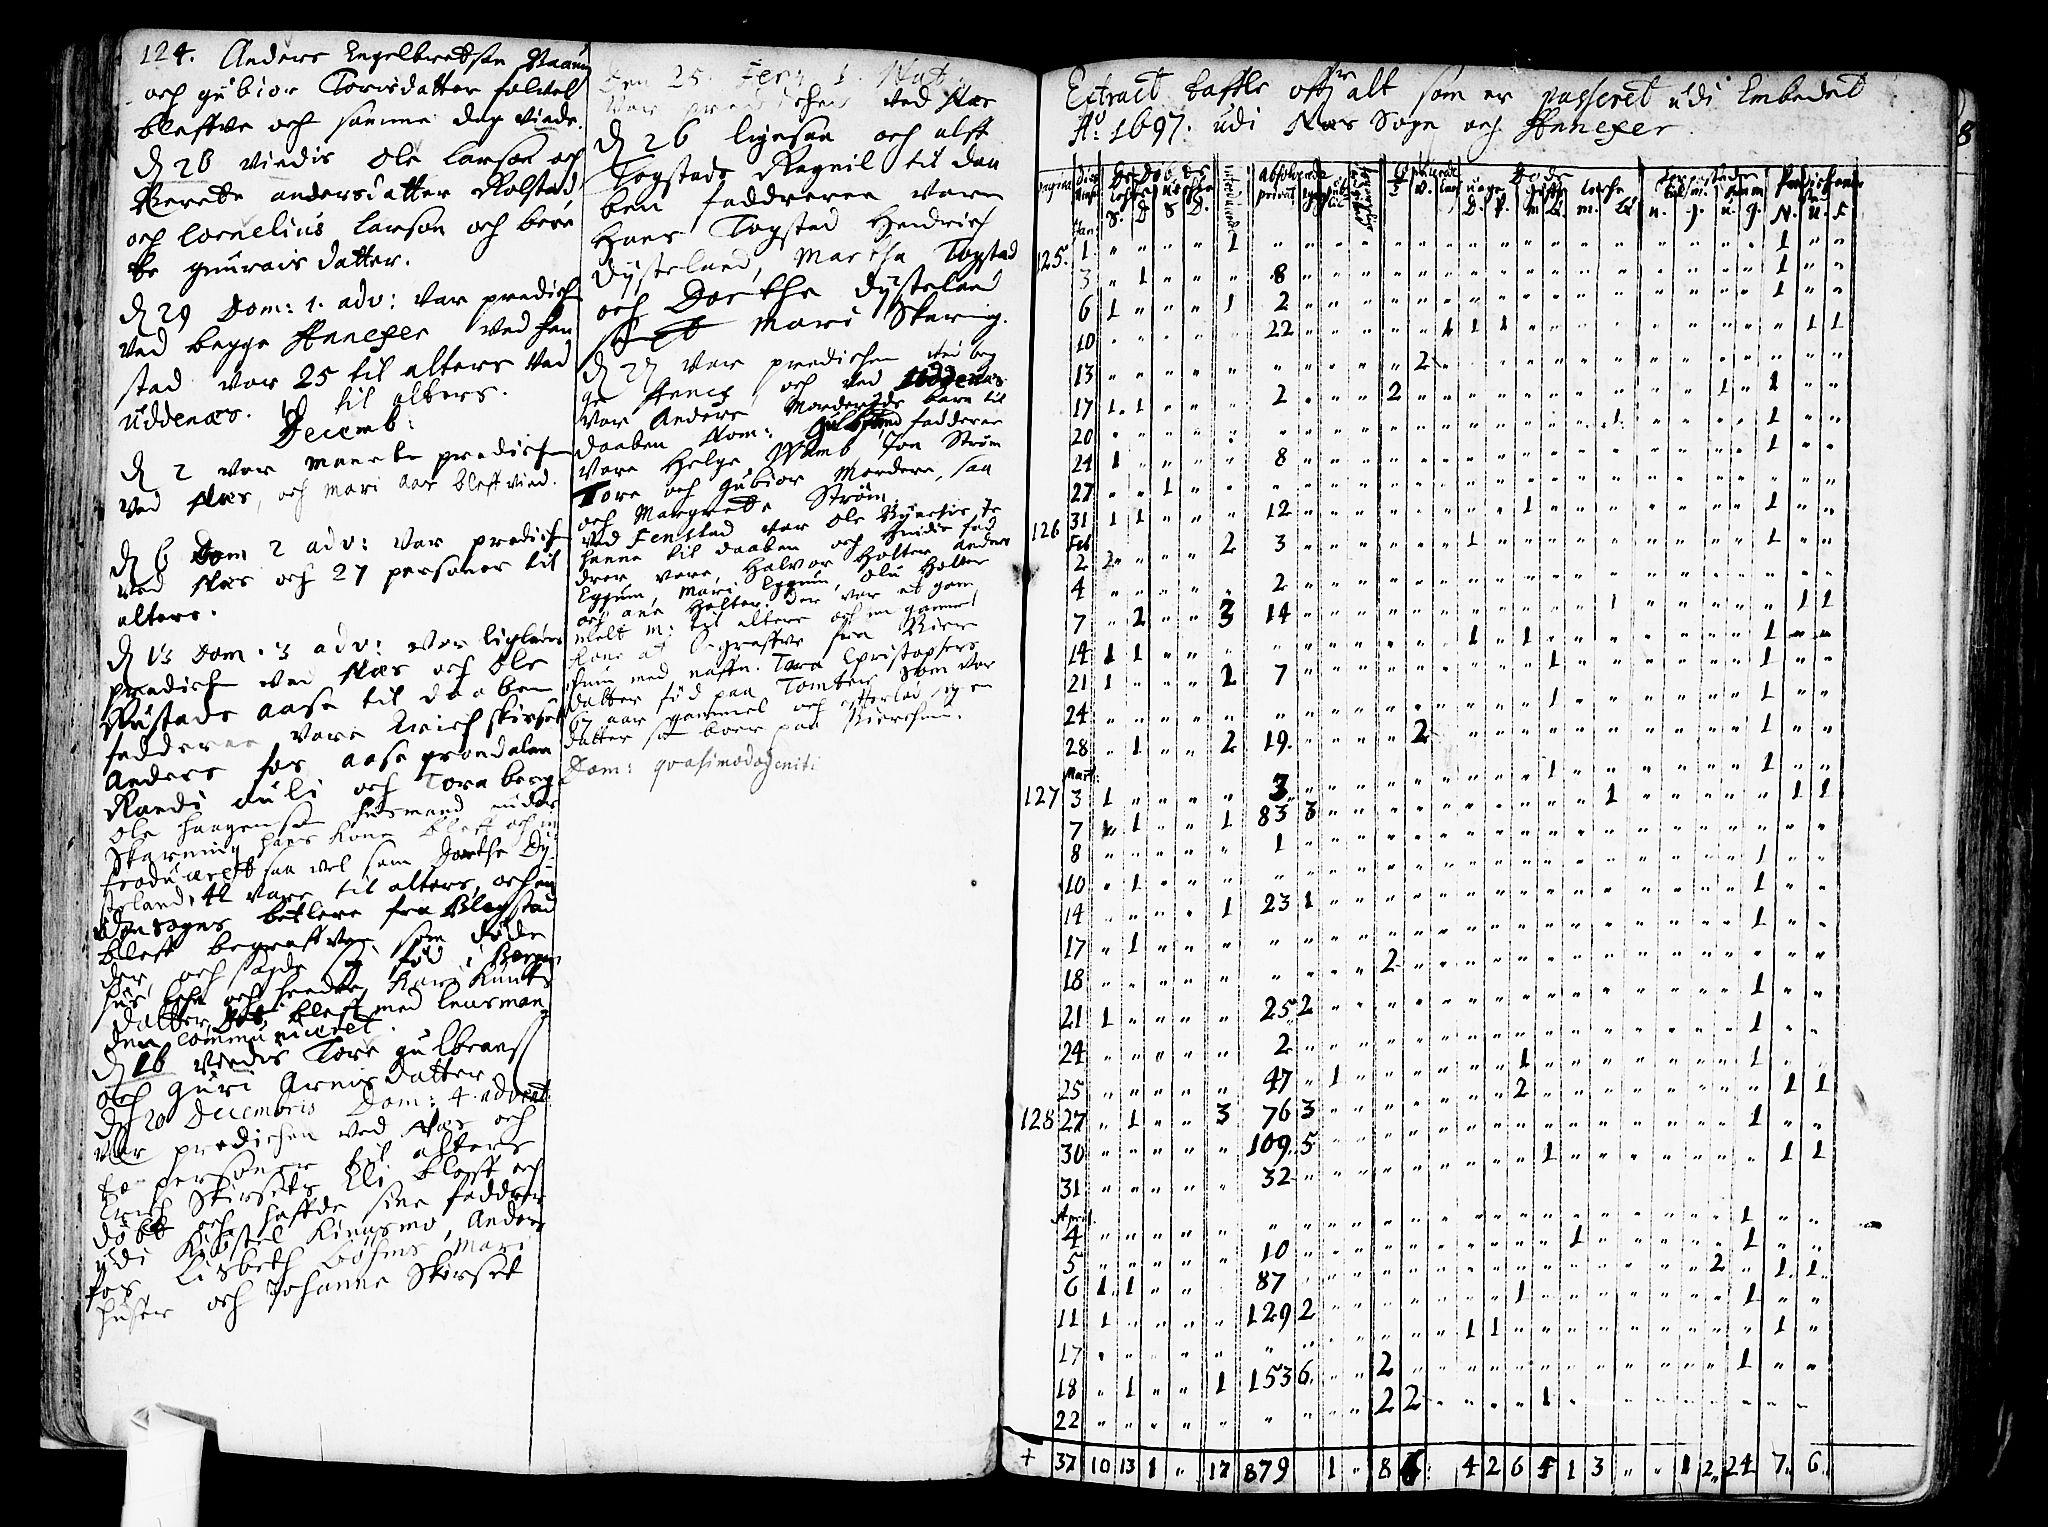 SAO, Nes prestekontor Kirkebøker, F/Fa/L0001: Ministerialbok nr. I 1, 1689-1716, s. 124a-124b